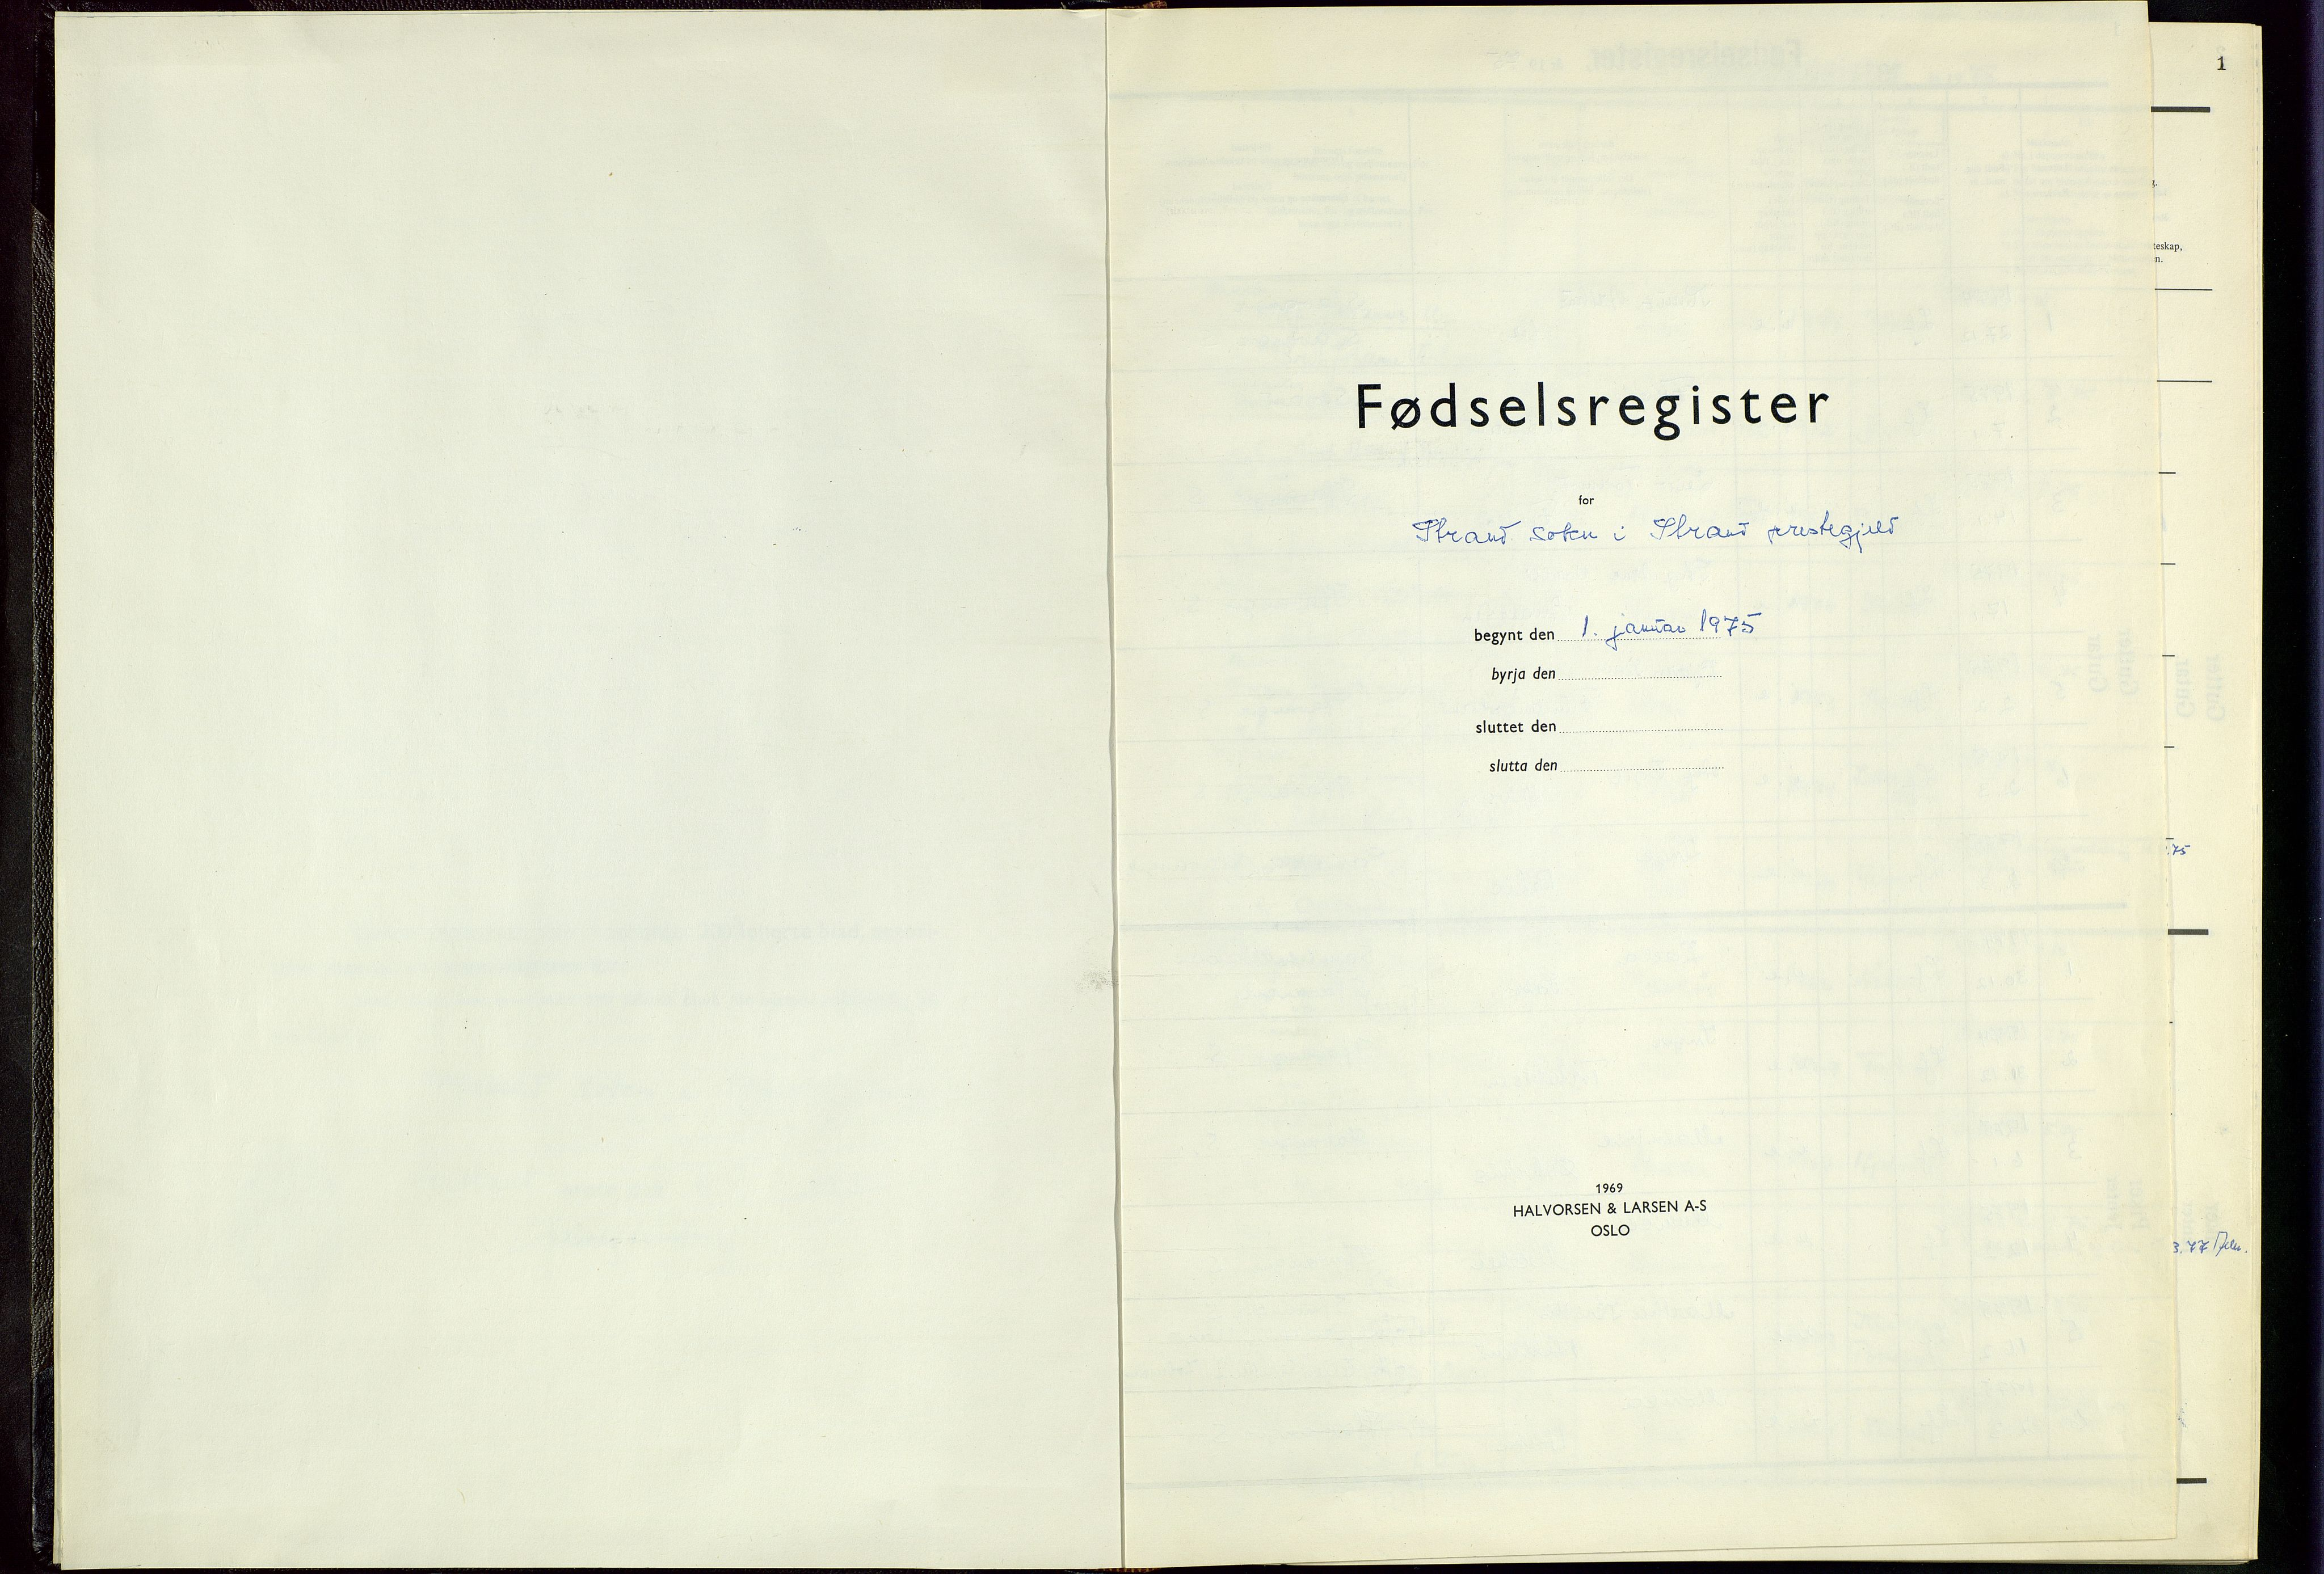 SAST, Strand sokneprestkontor, I/Id/L0004: Fødselsregister nr. 4, 1975-1982